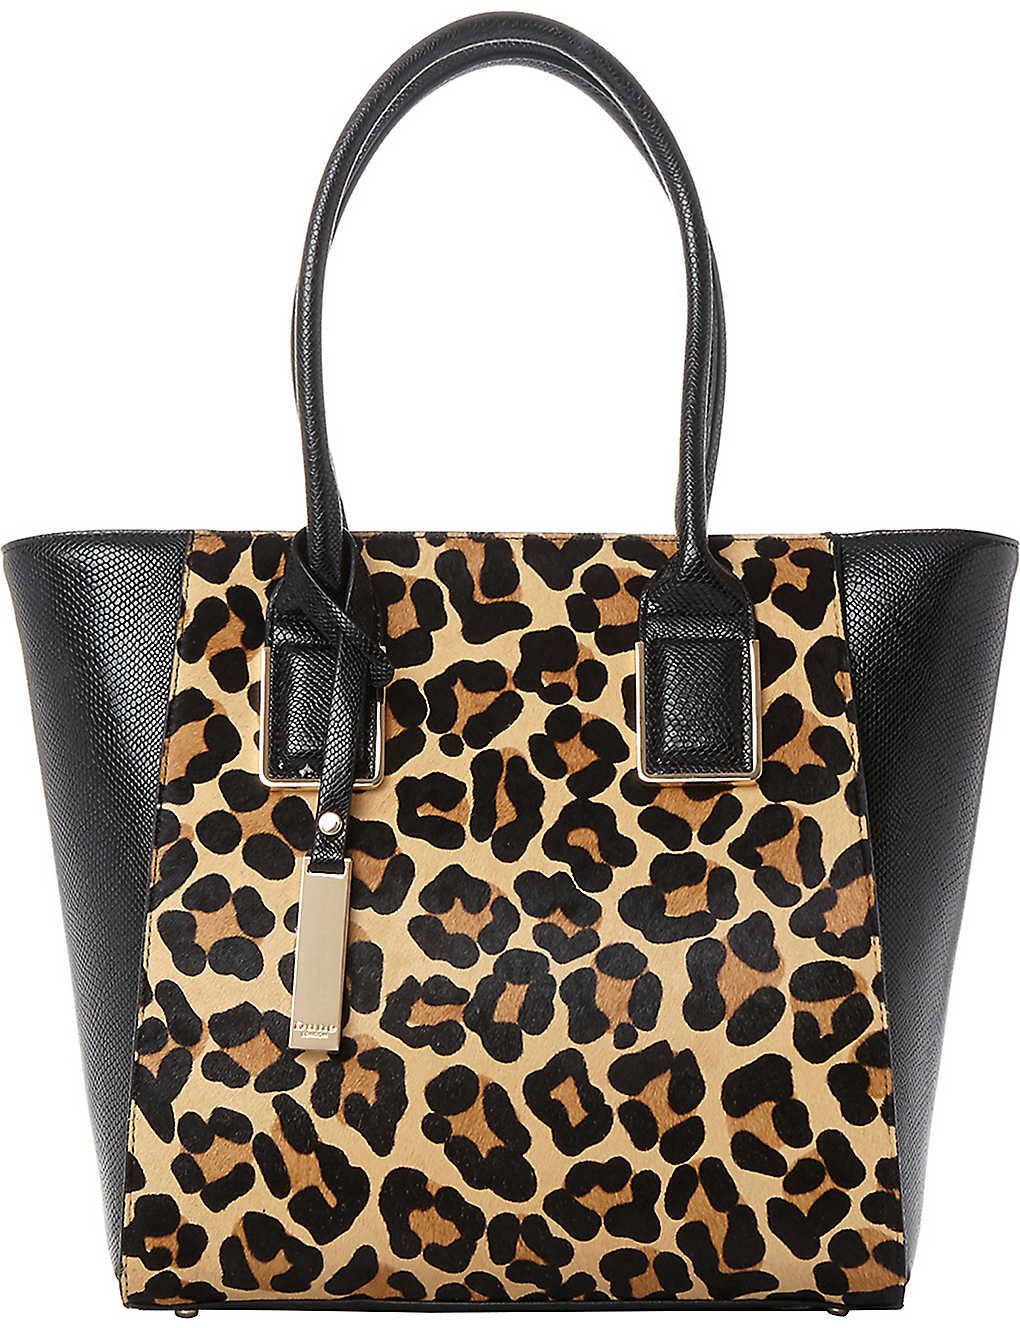 ccd71dda11bc DUNE - Leopard-print shopper bag | Selfridges.com